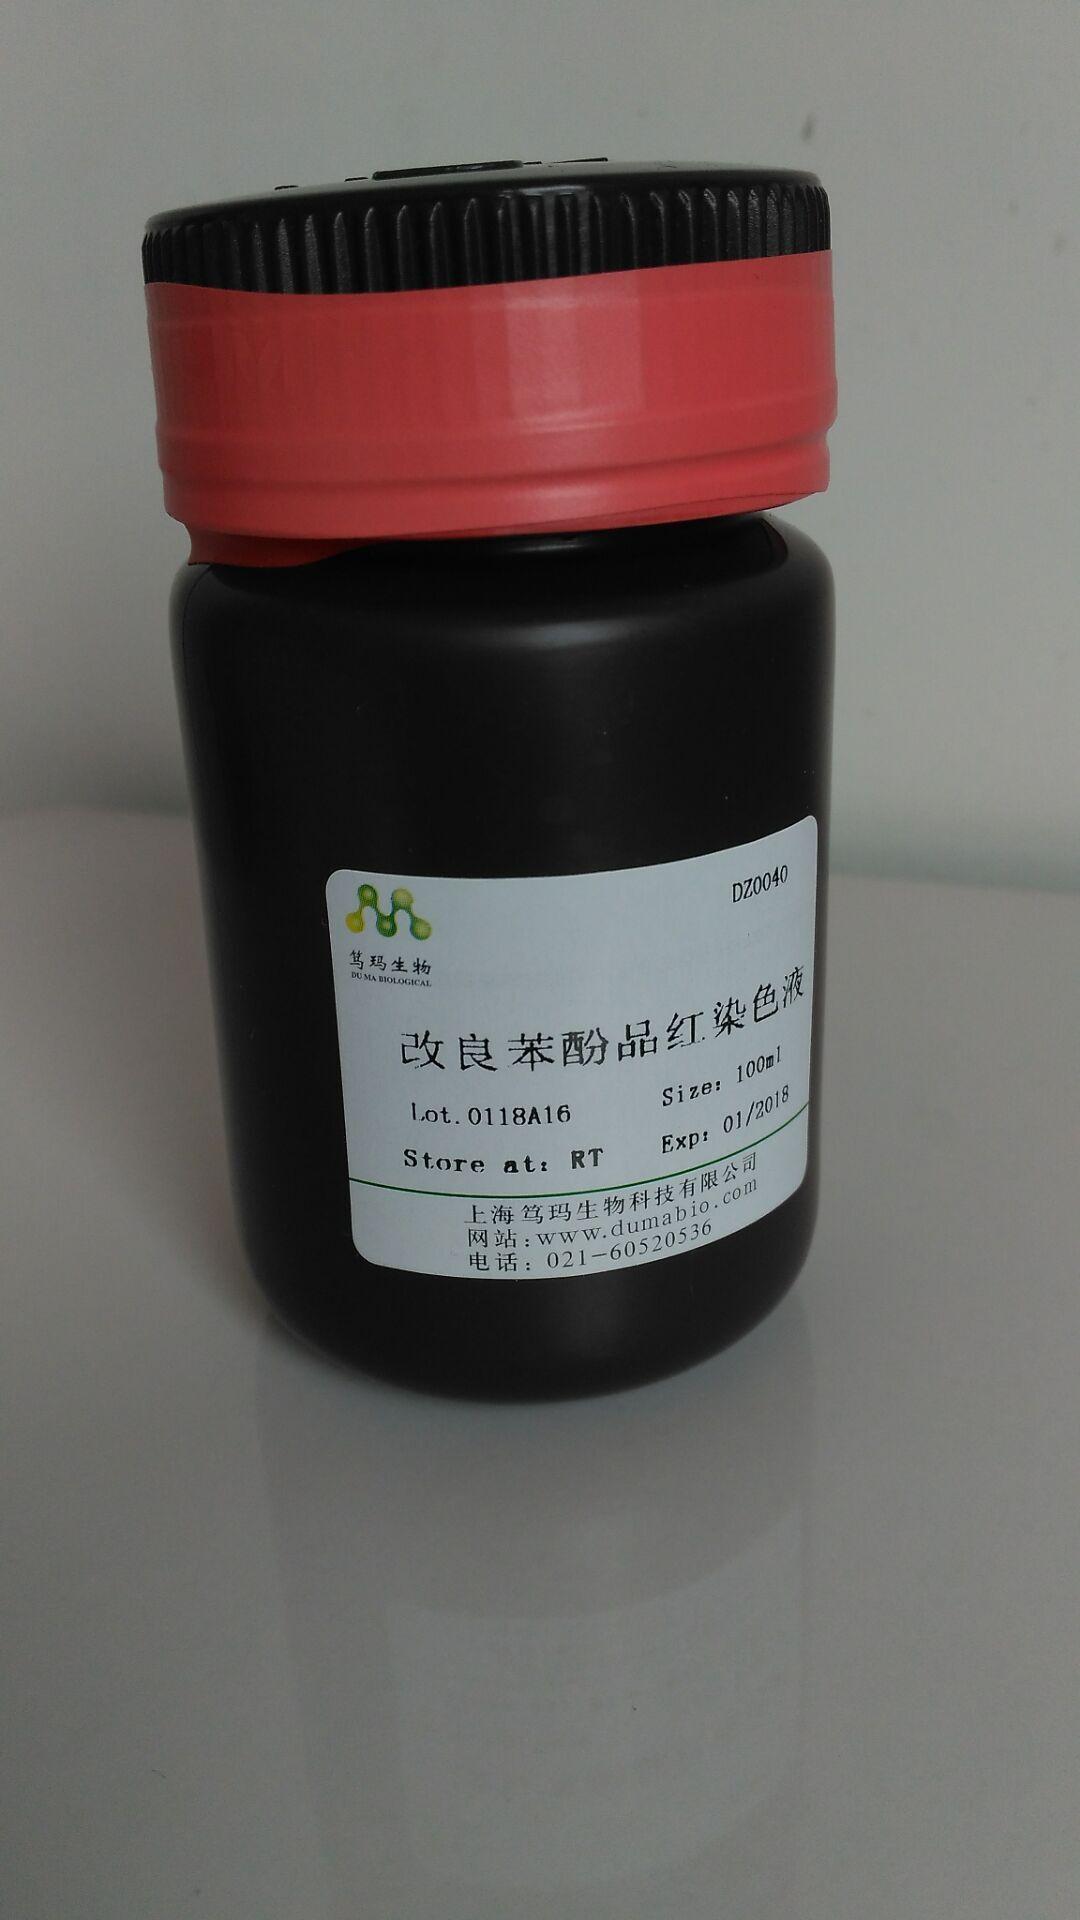 笃玛 豆腐果苷  产品简介